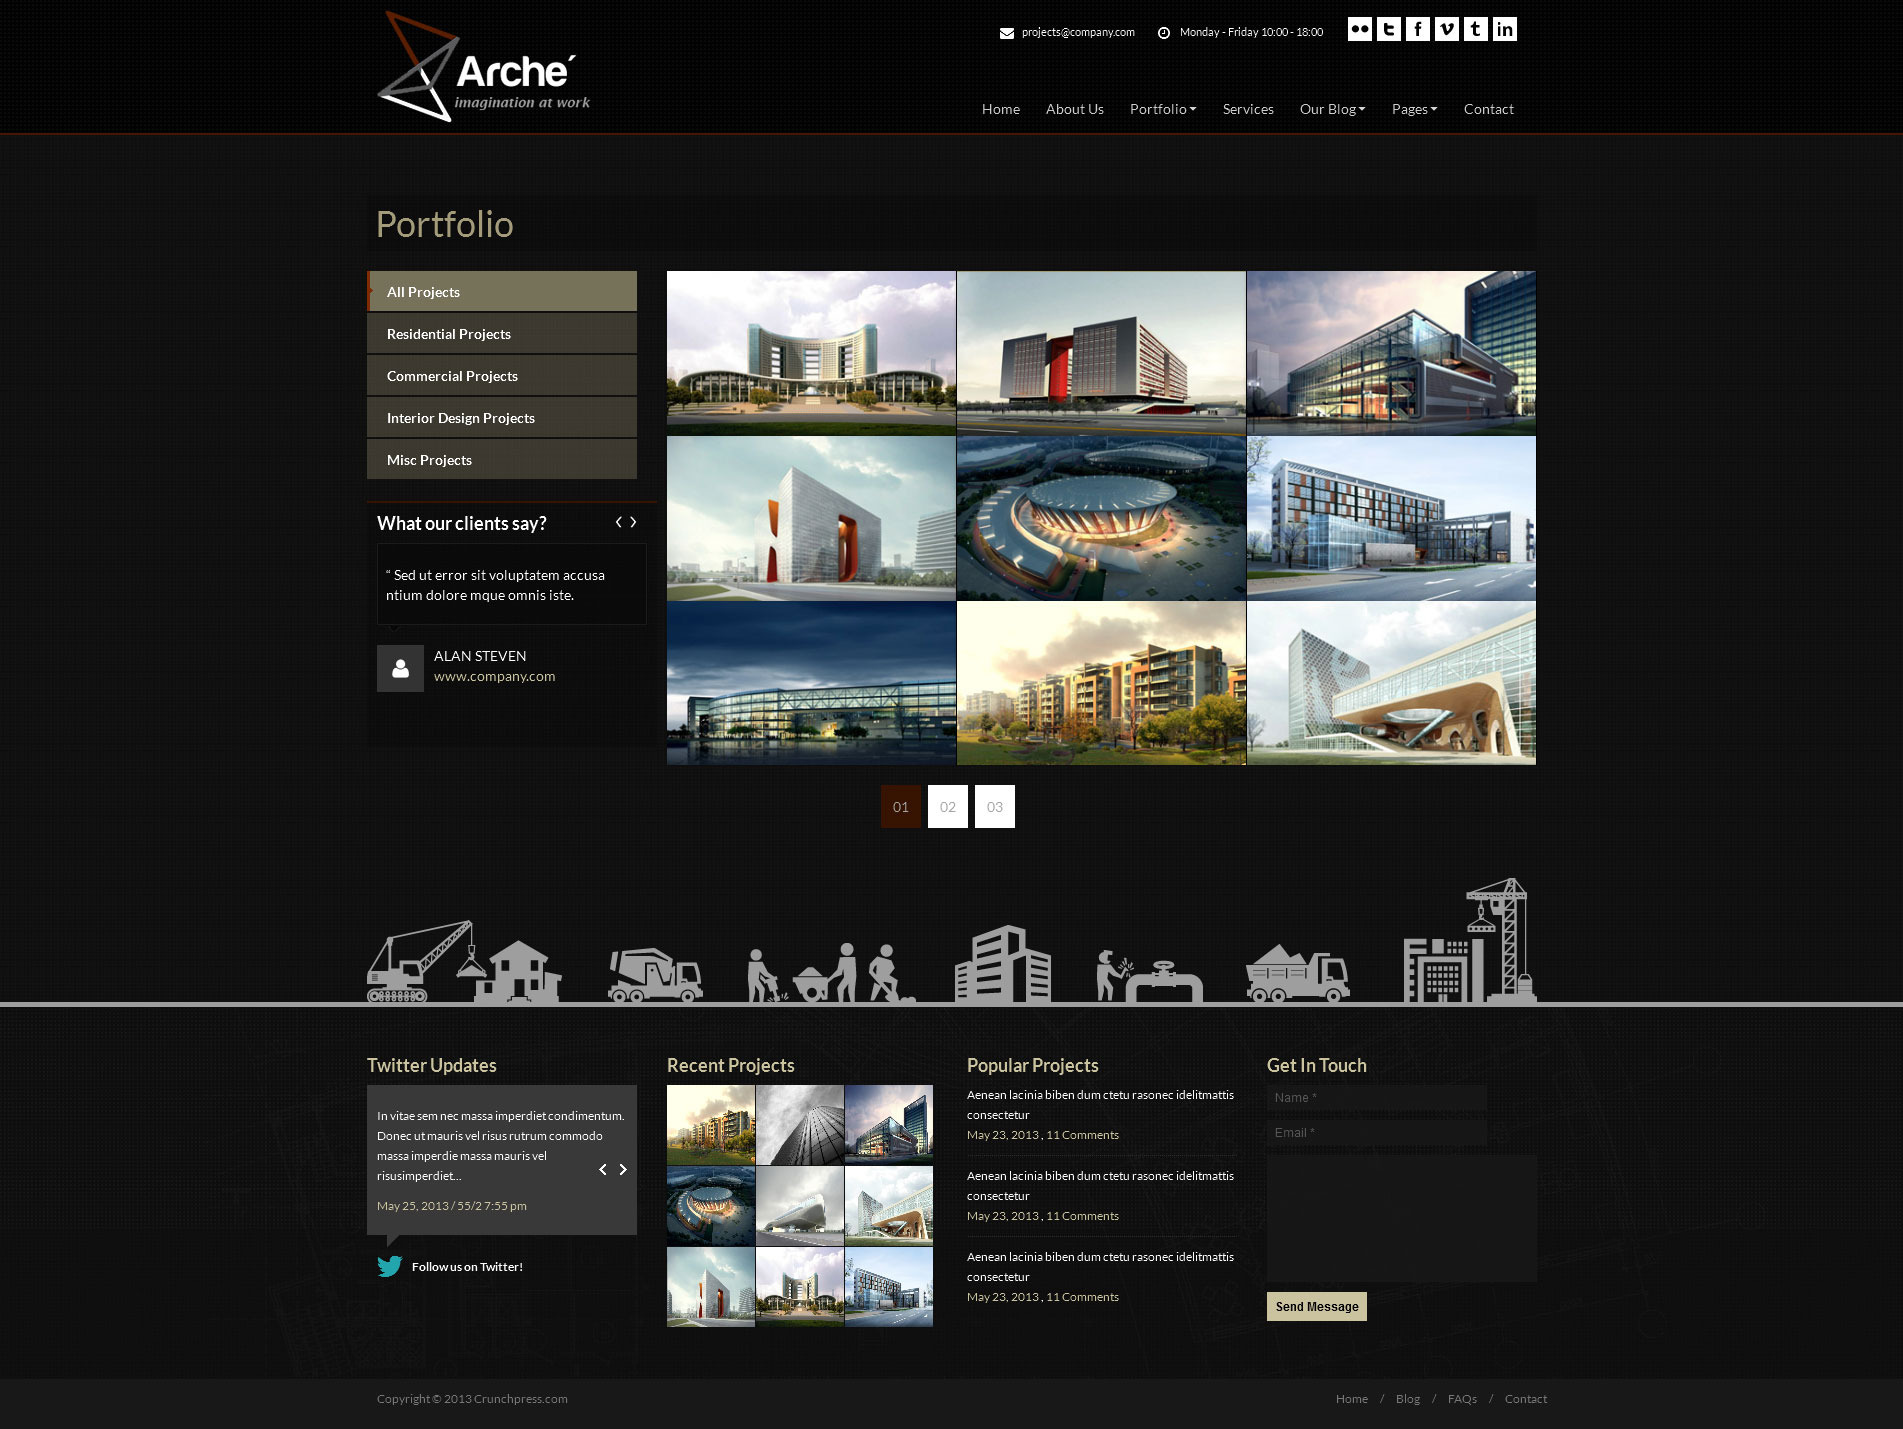 Arche - Architecture Creative Template